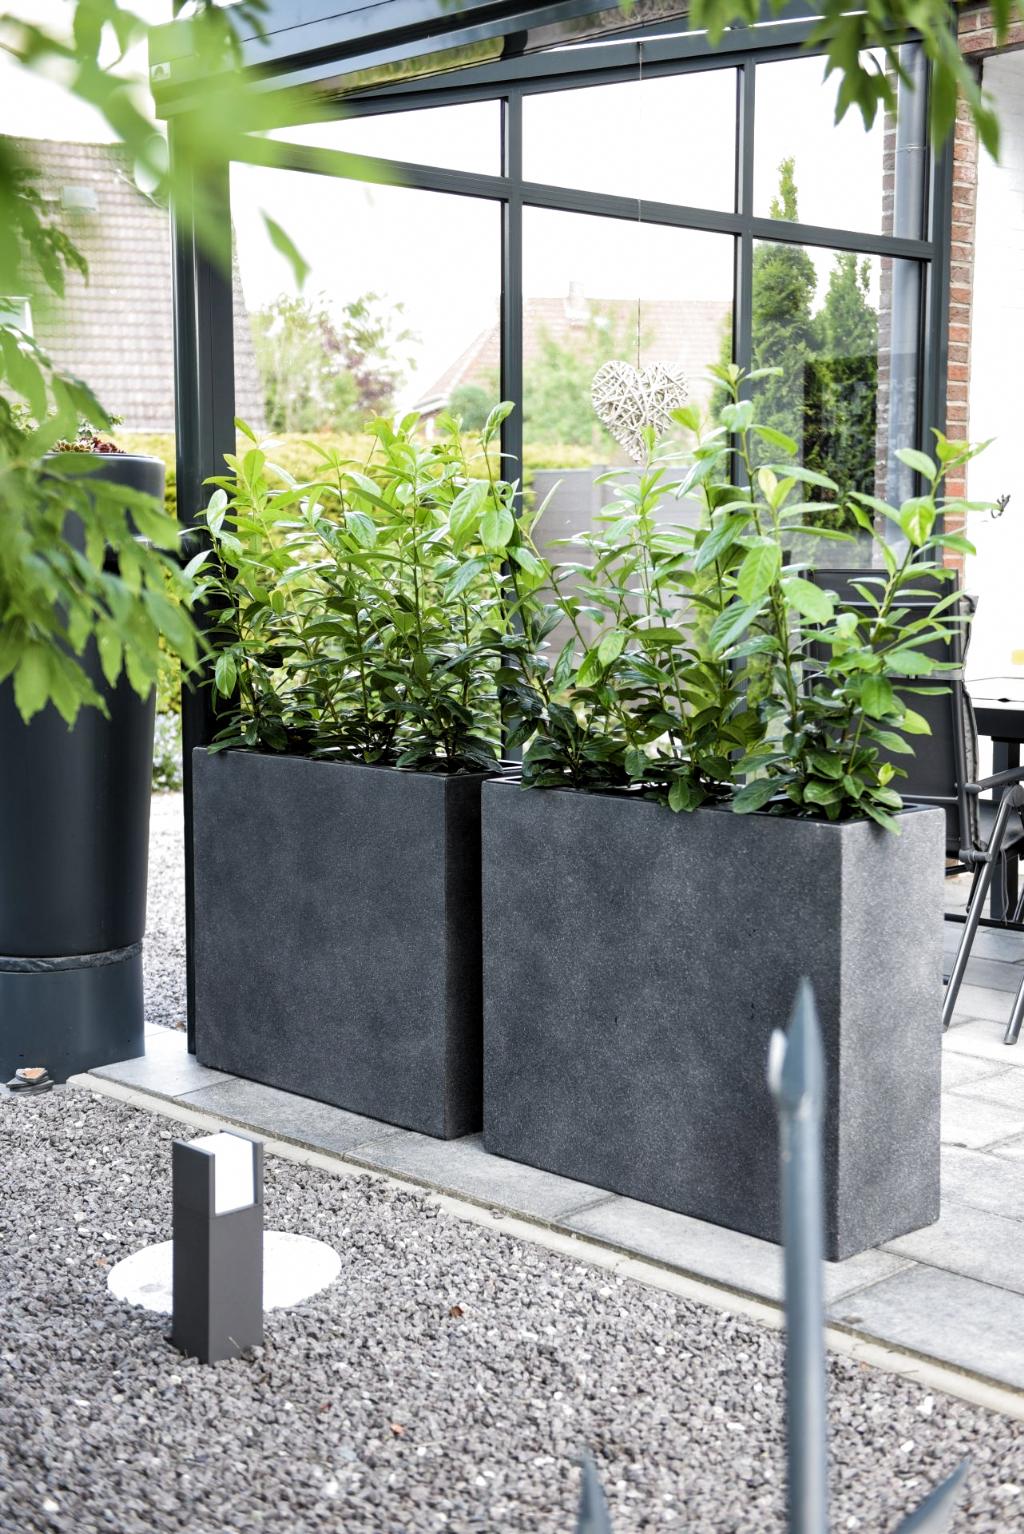 Pin Von Rosella Pfeffer Auf Exterieur Bepflanzung Pflanzkubel Pflanzen